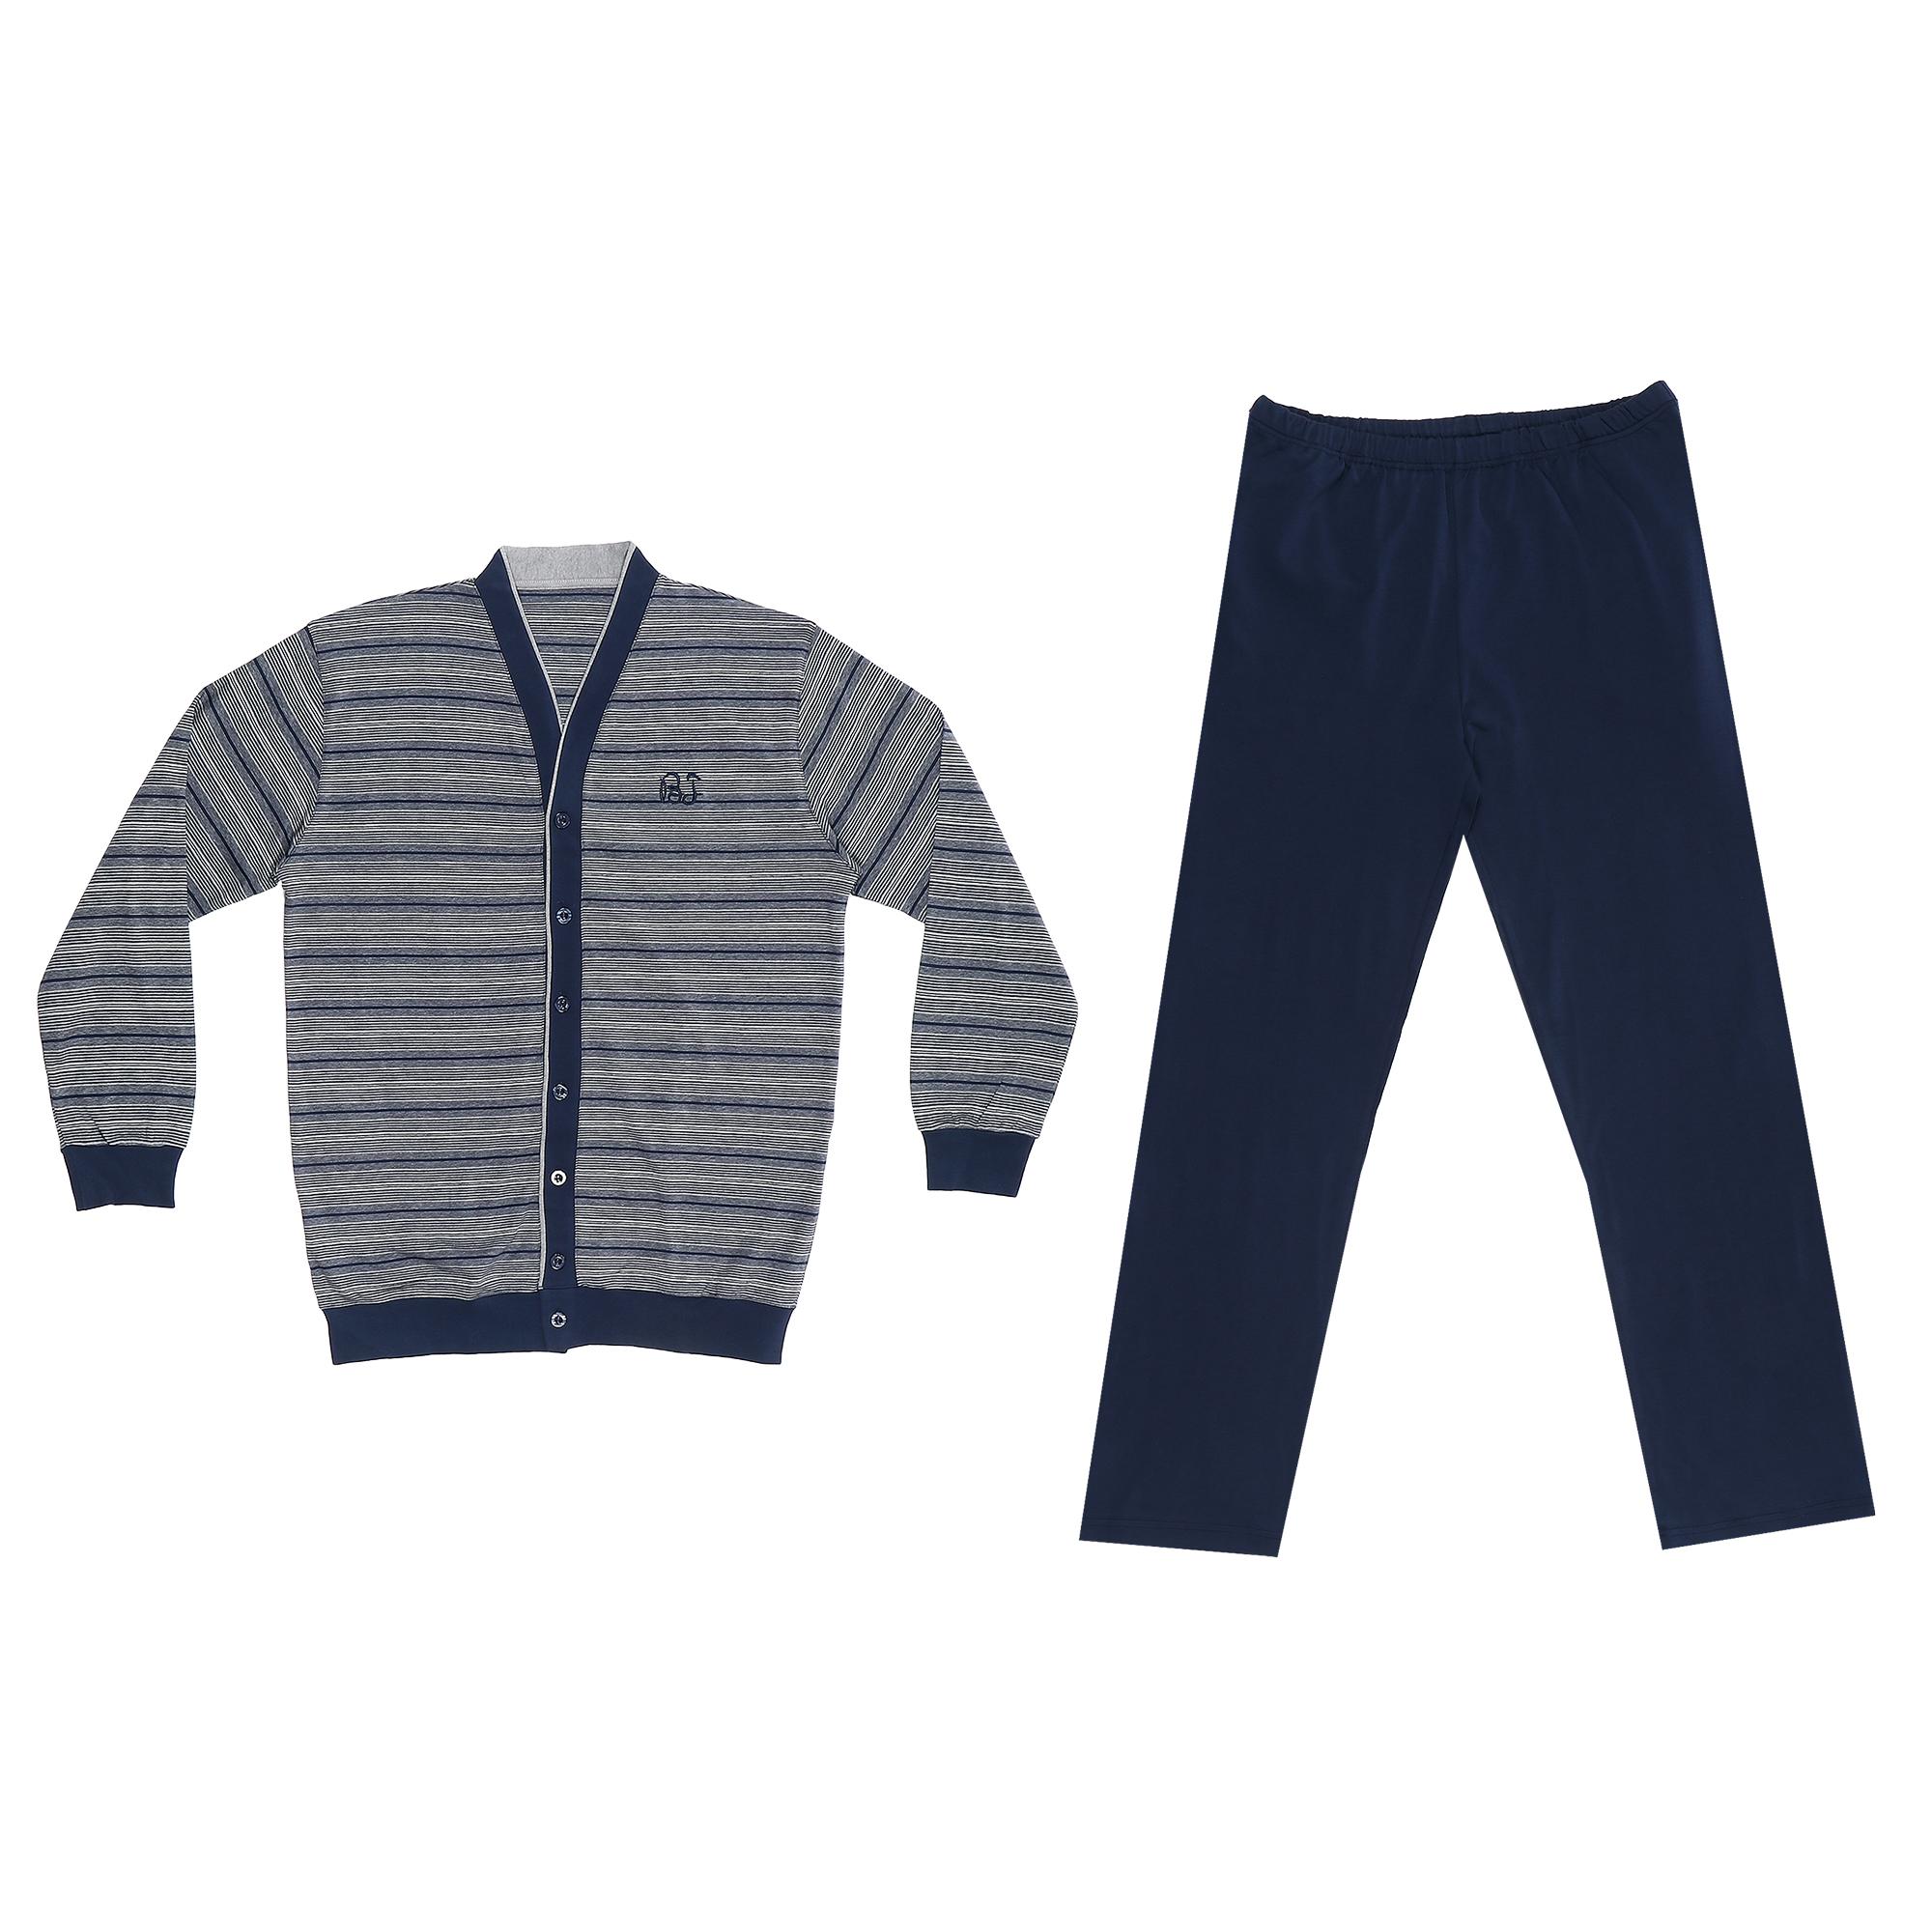 комплект домашний мужской vienetta s secret league капри футболка цвет сапфировый 711124 3286 размер 50 xl Домашний мужской костюм Xiamen Honesty MP-126 синий XL